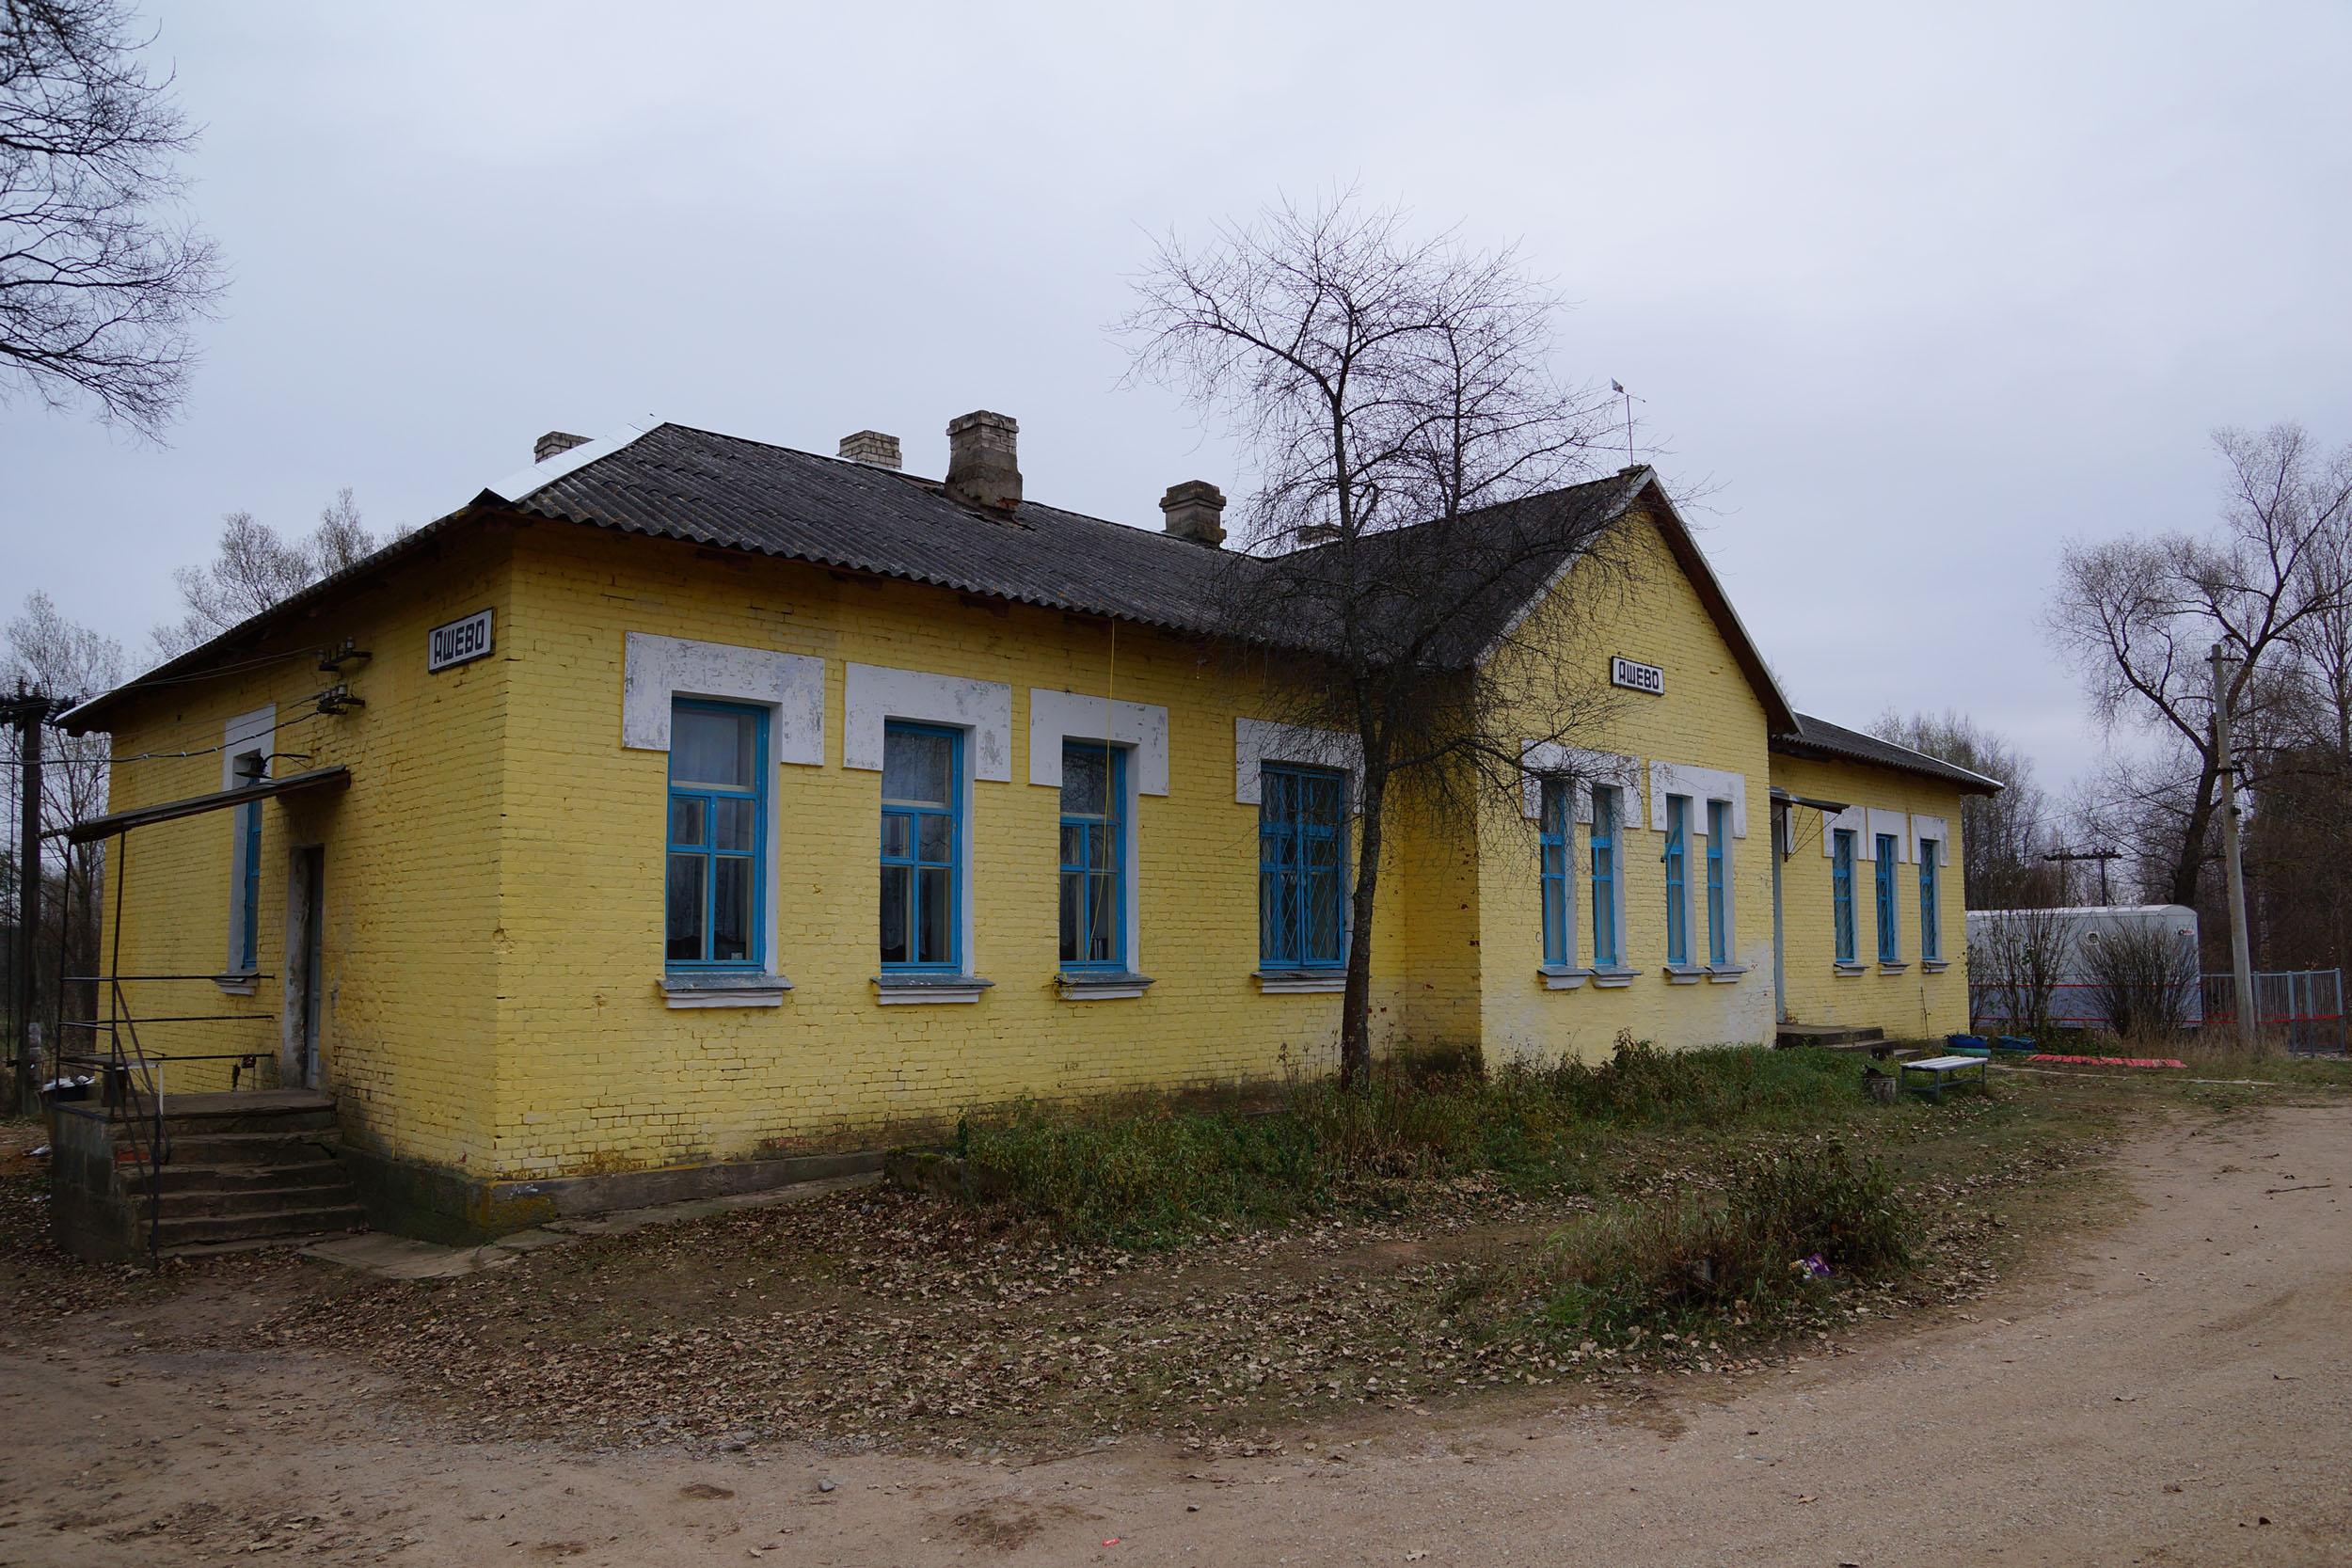 Ашево, Бежаницкий район, Псковская область. Вокзал железнодорожный.